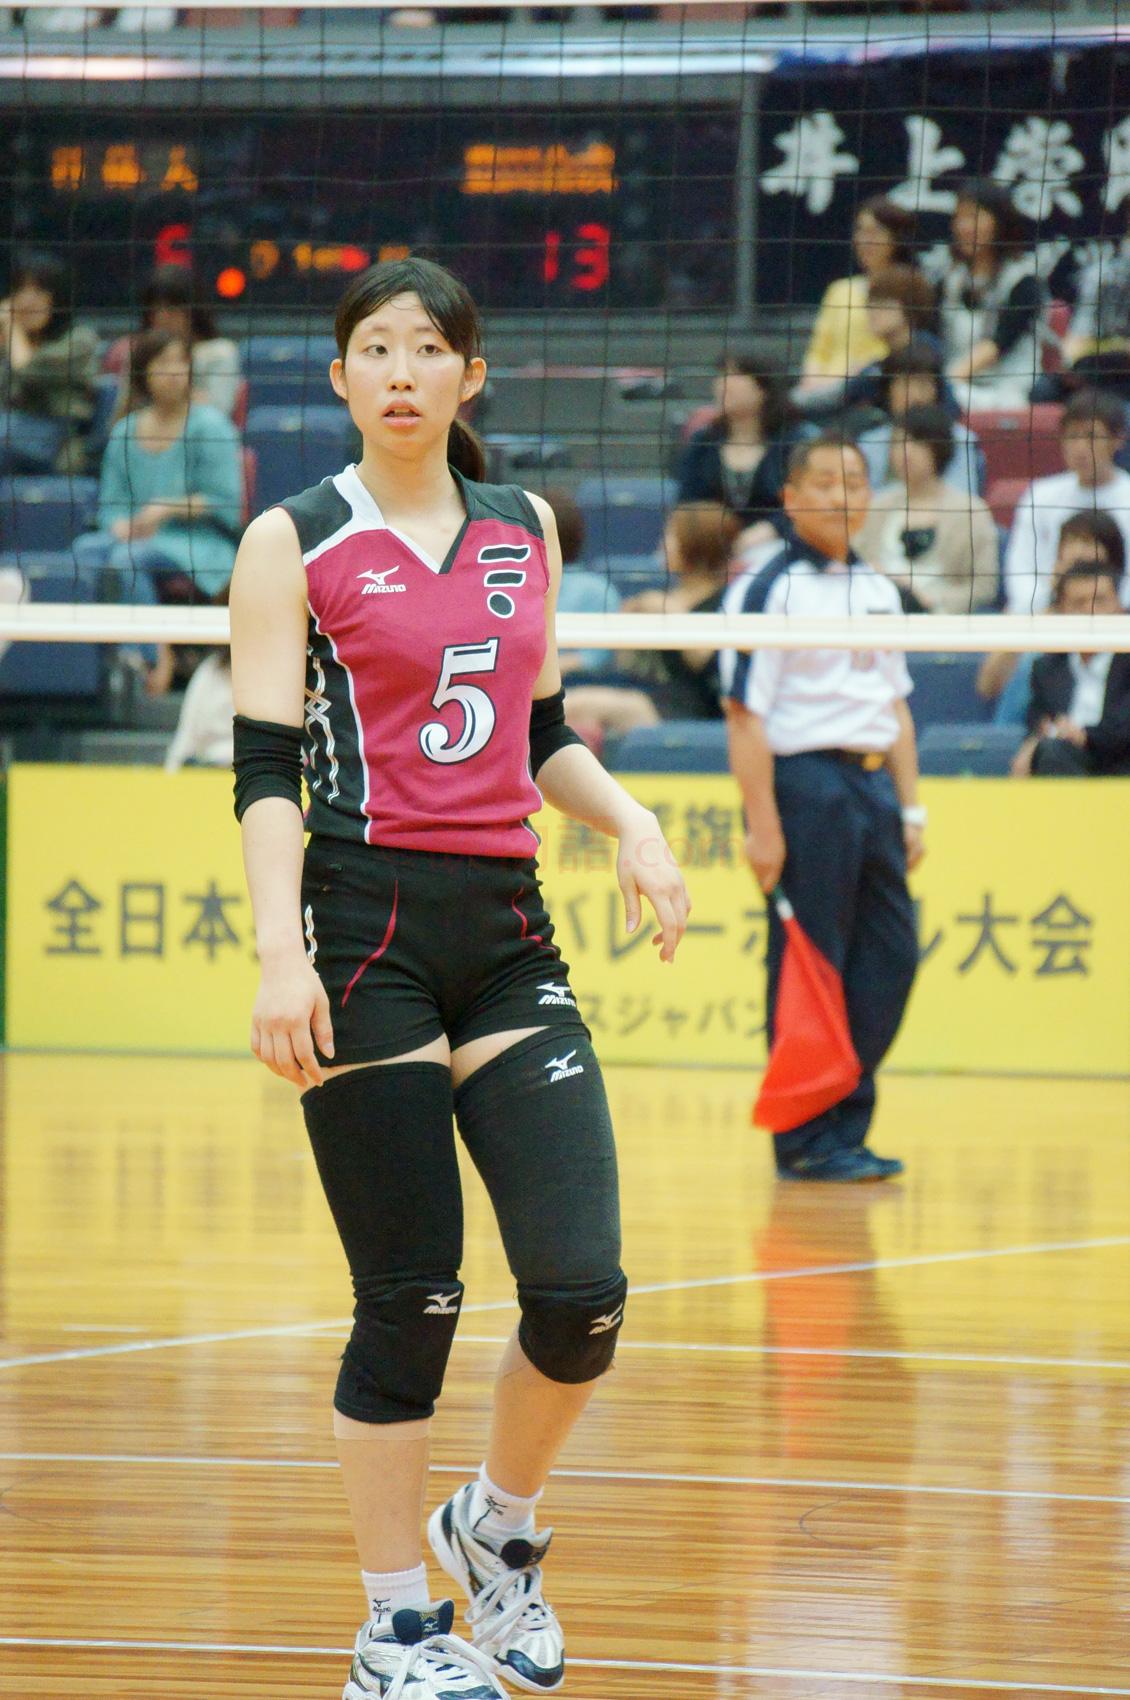 ≪女子バレー≫福岡大学対上尾 6